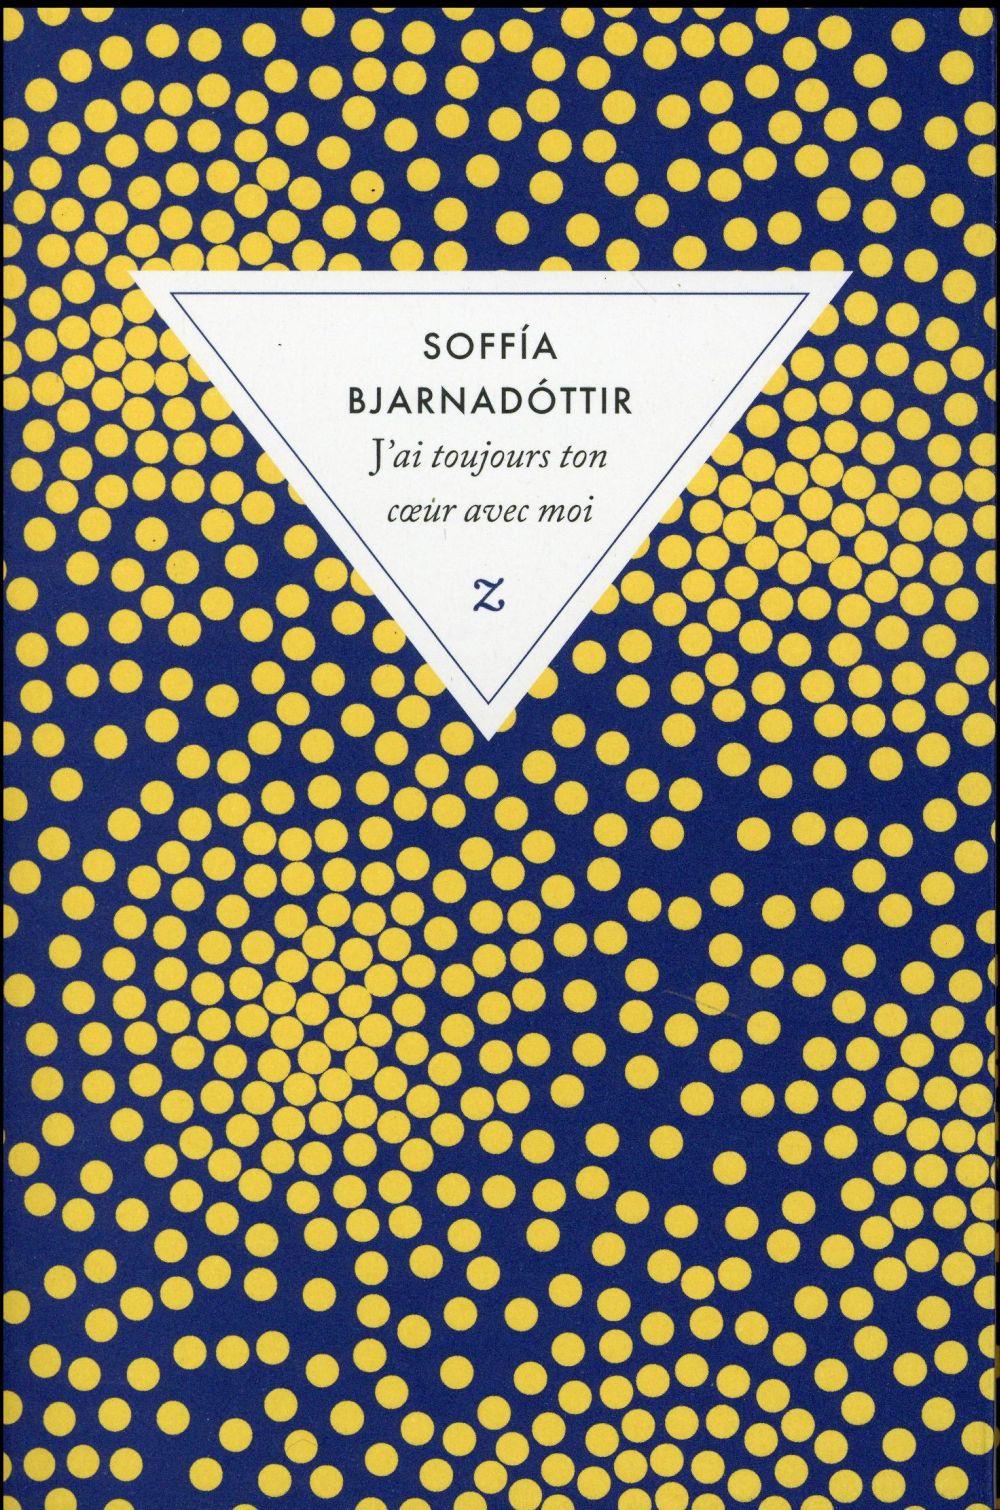 [Chronique] #46 Club des Explorateurs : Audrey et Philippe ont lu « J'ai toujours ton cœur avec moi » de Soffia Bjarnadottir